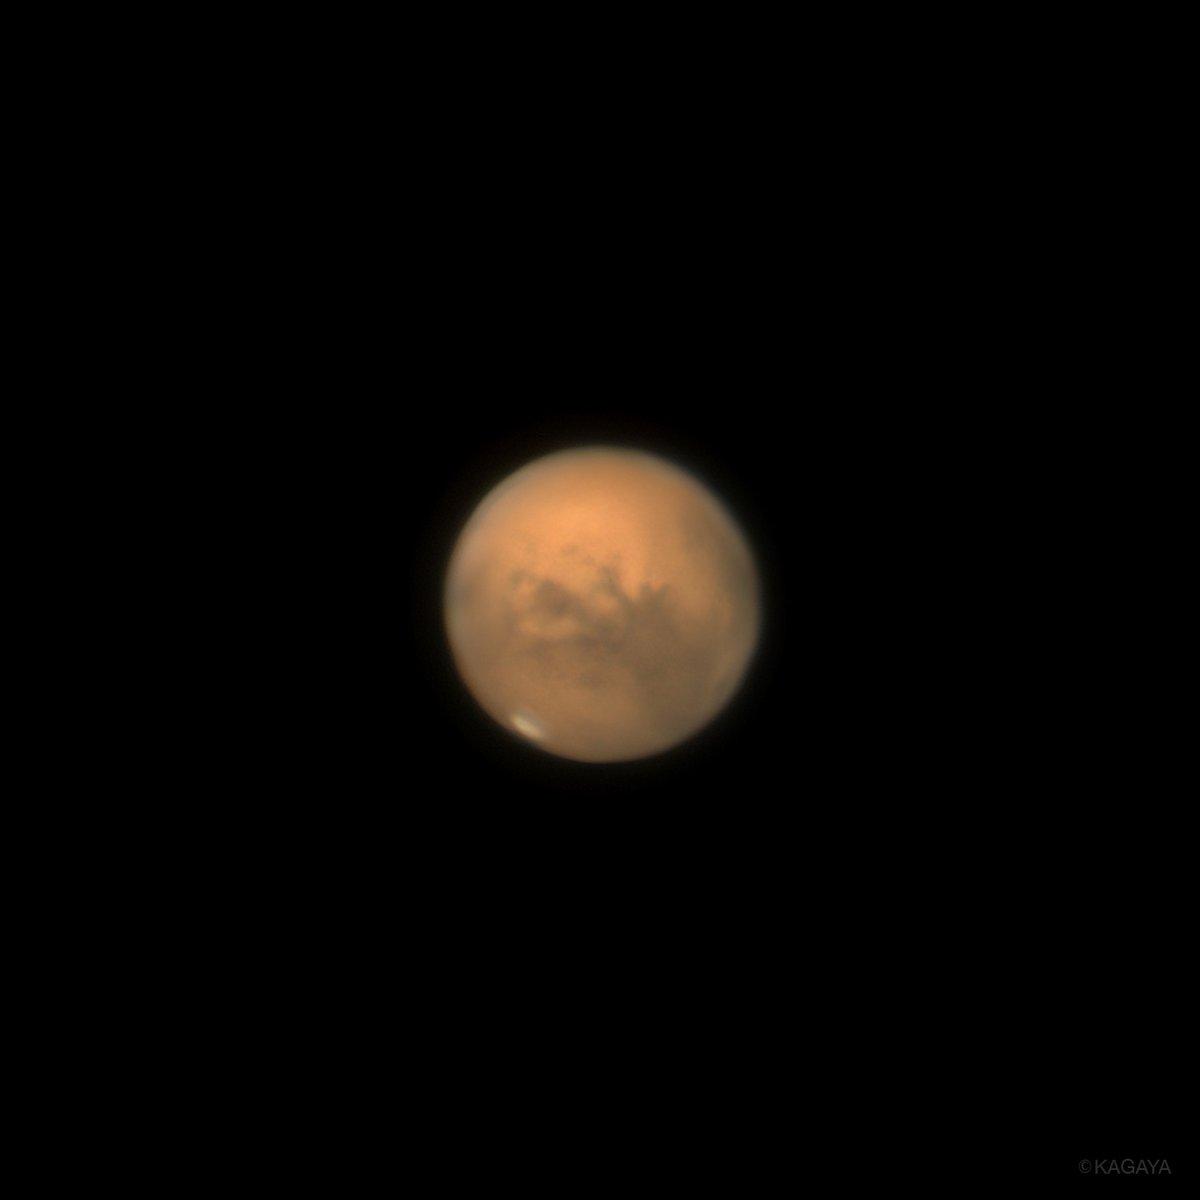 先ほど望遠鏡を使って撮影した火星です。 火星は今夜、地球最接近をむかえ大きく見えています。 写真には白く輝く極冠や模様が写りました。 今夜に限らず、見頃はしばらく続きます。 火星は2年2ヶ月に一度地球に接近しますが、その距離は毎回違い、次回ここまで近づくのは2033年となります。